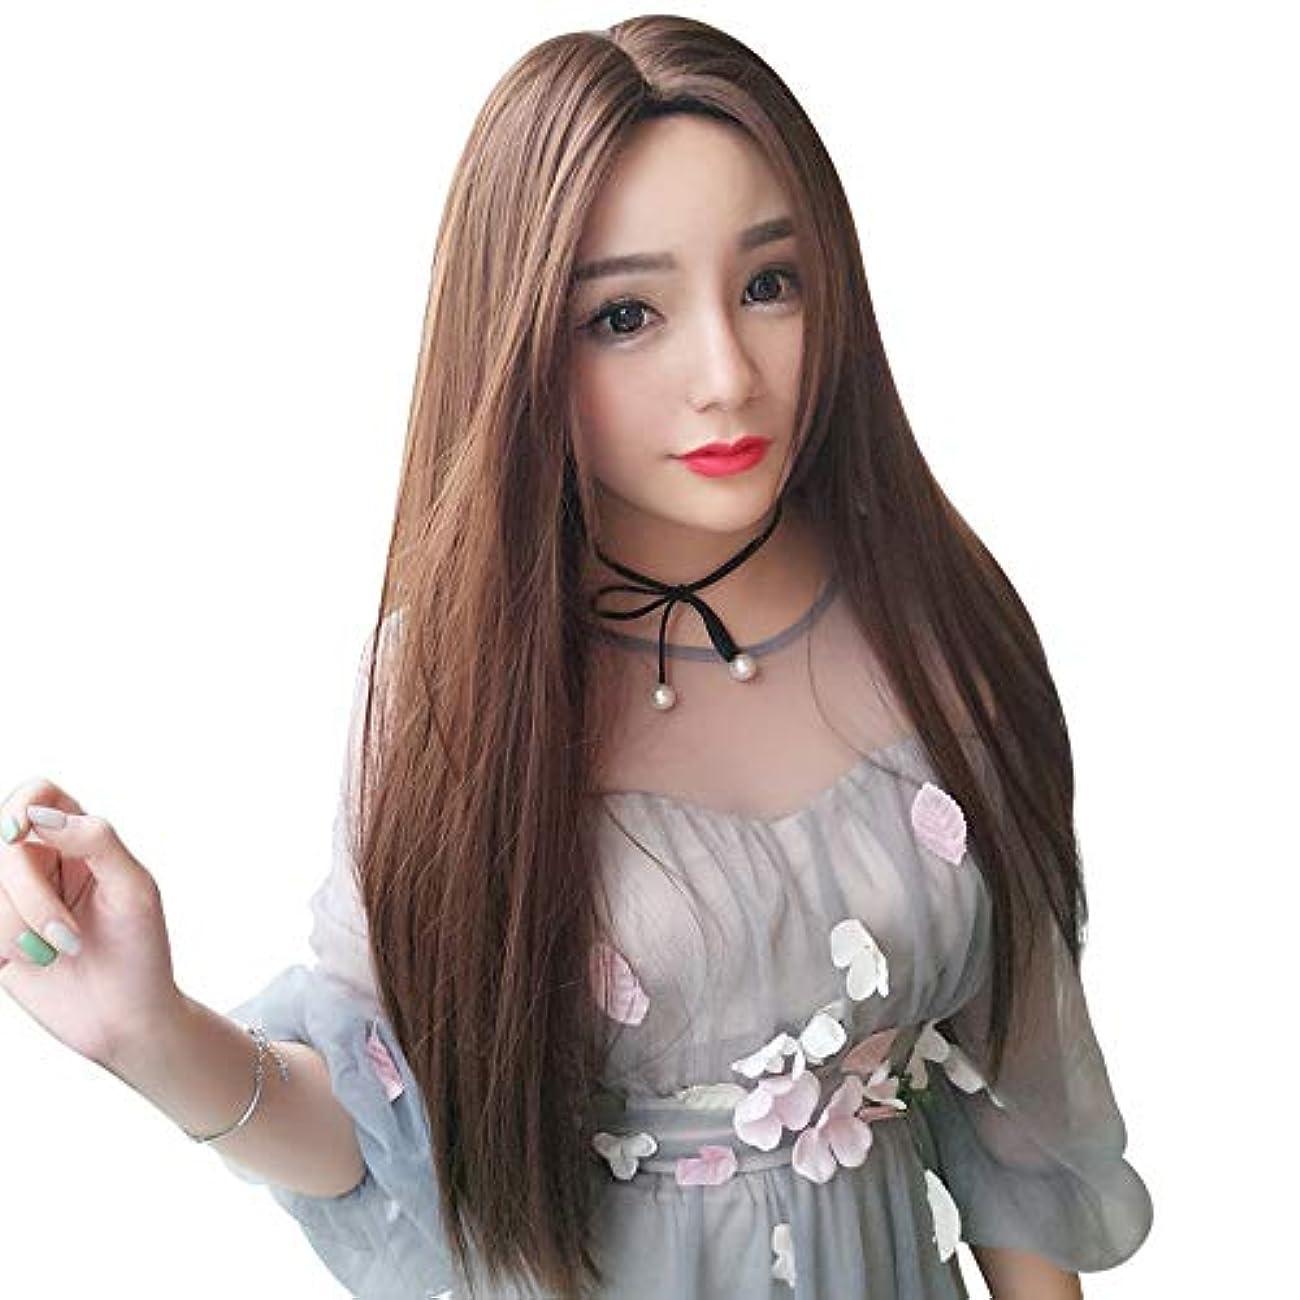 話す思い出させる間違いなくSRY-Wigファッション 前髪耐熱髪の女性アフロロングストレートかつらのファッションチョコレート合成レースフロントかつら